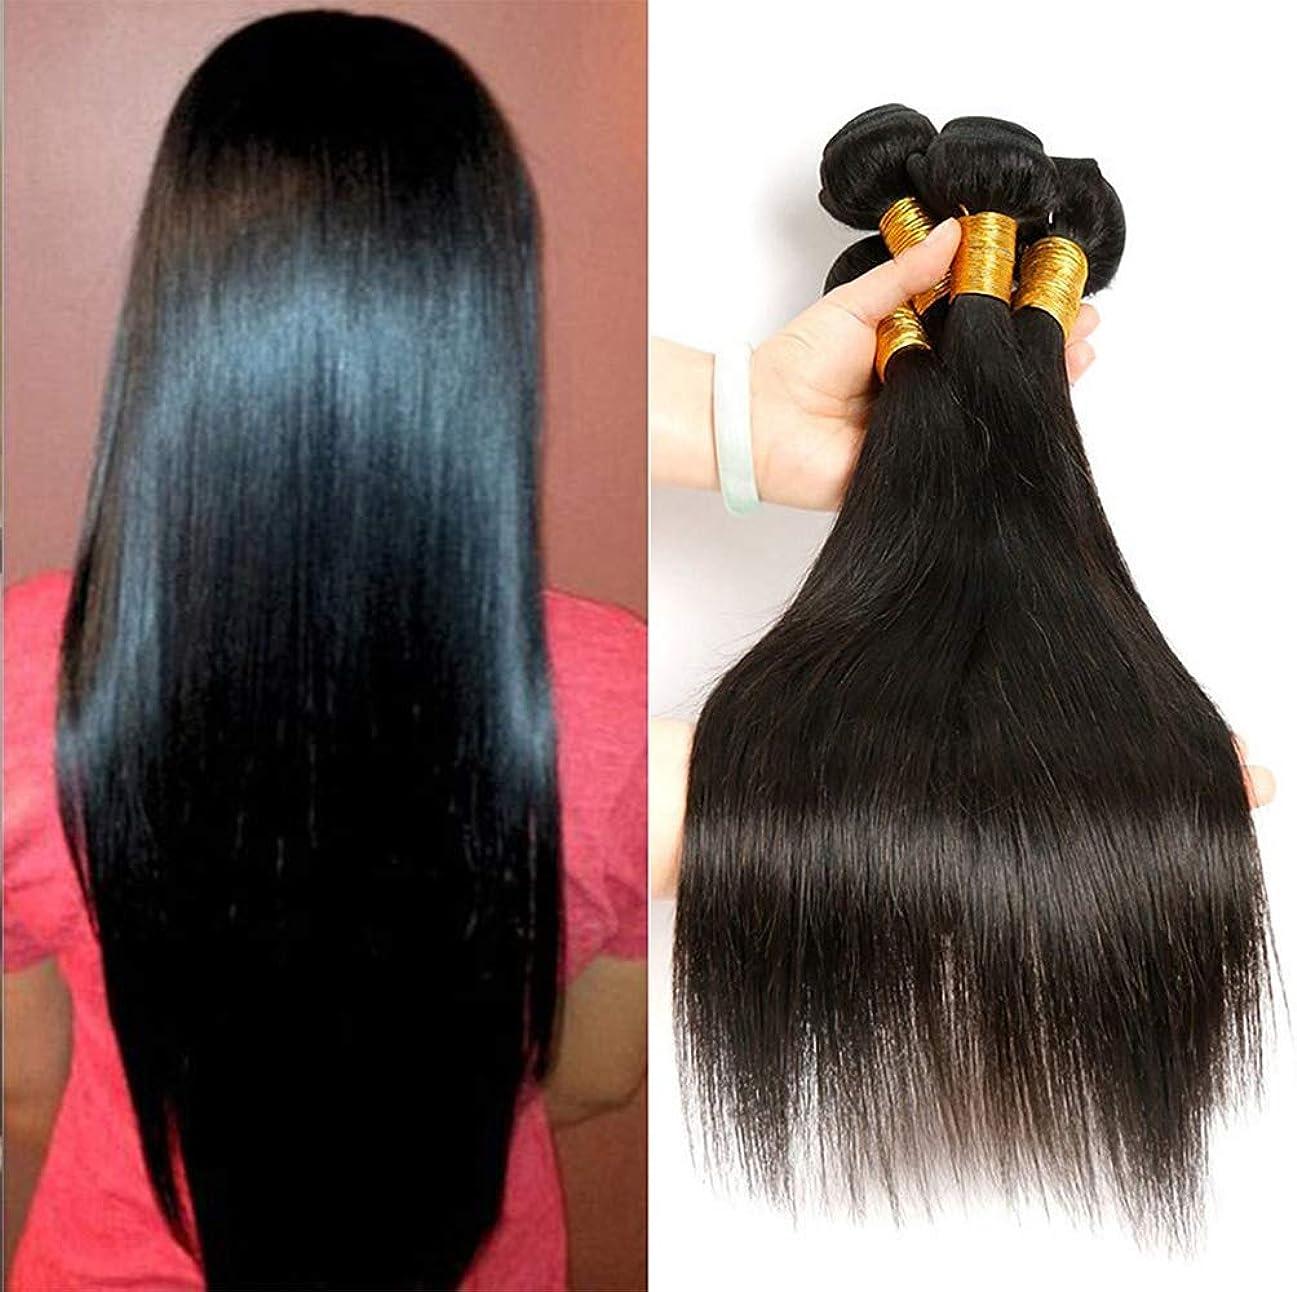 誰が打ち負かすジャンクションブラジルのストレートヘアー女性の髪織り密度150%織り100%未処理のバージン人毛エクステンション